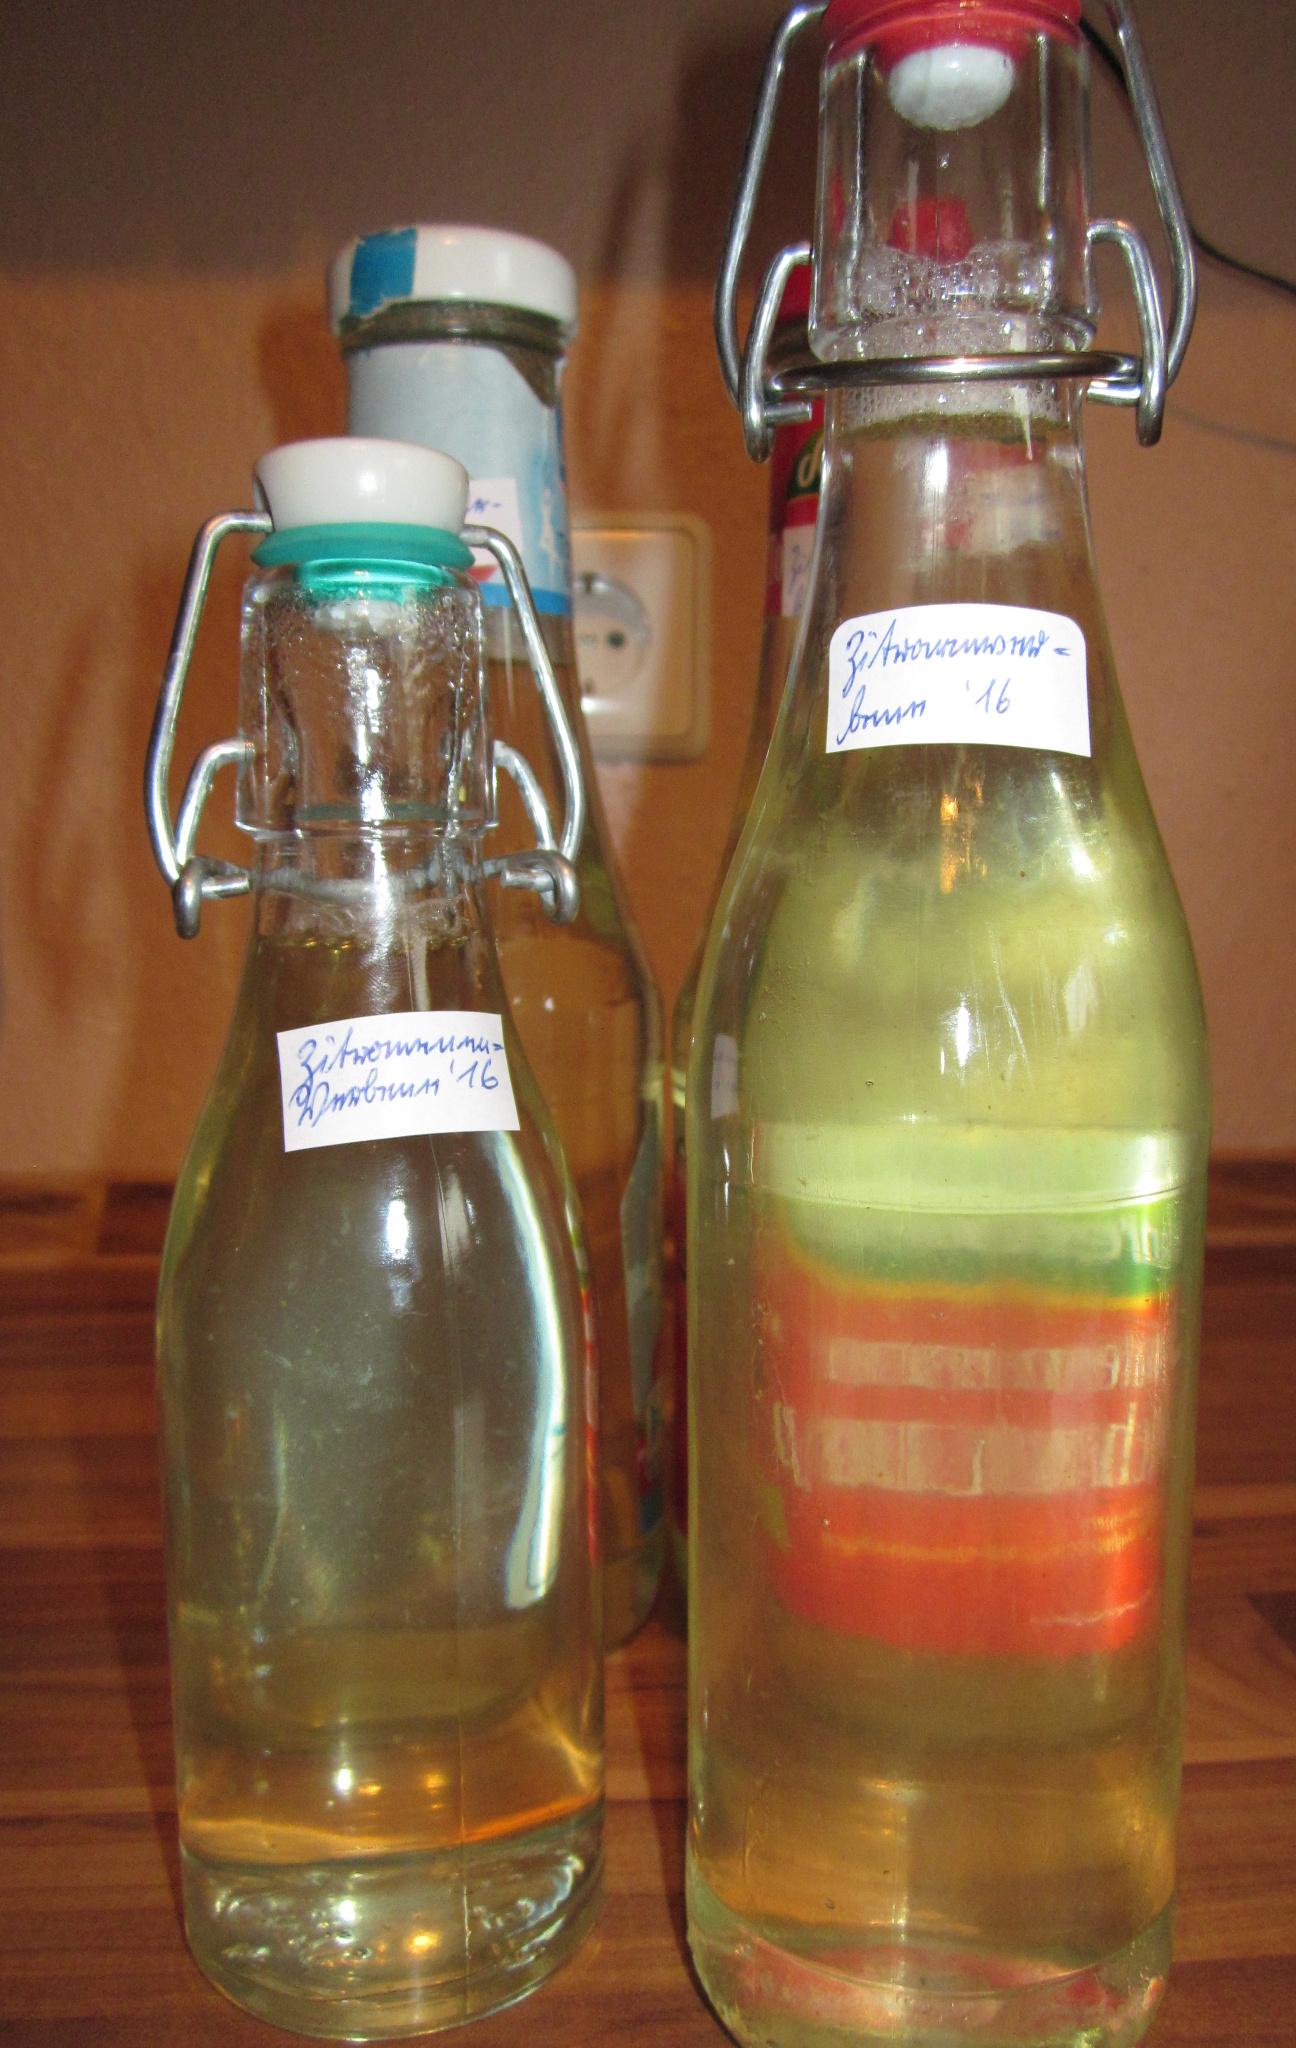 Zitronenverbene-Sirup